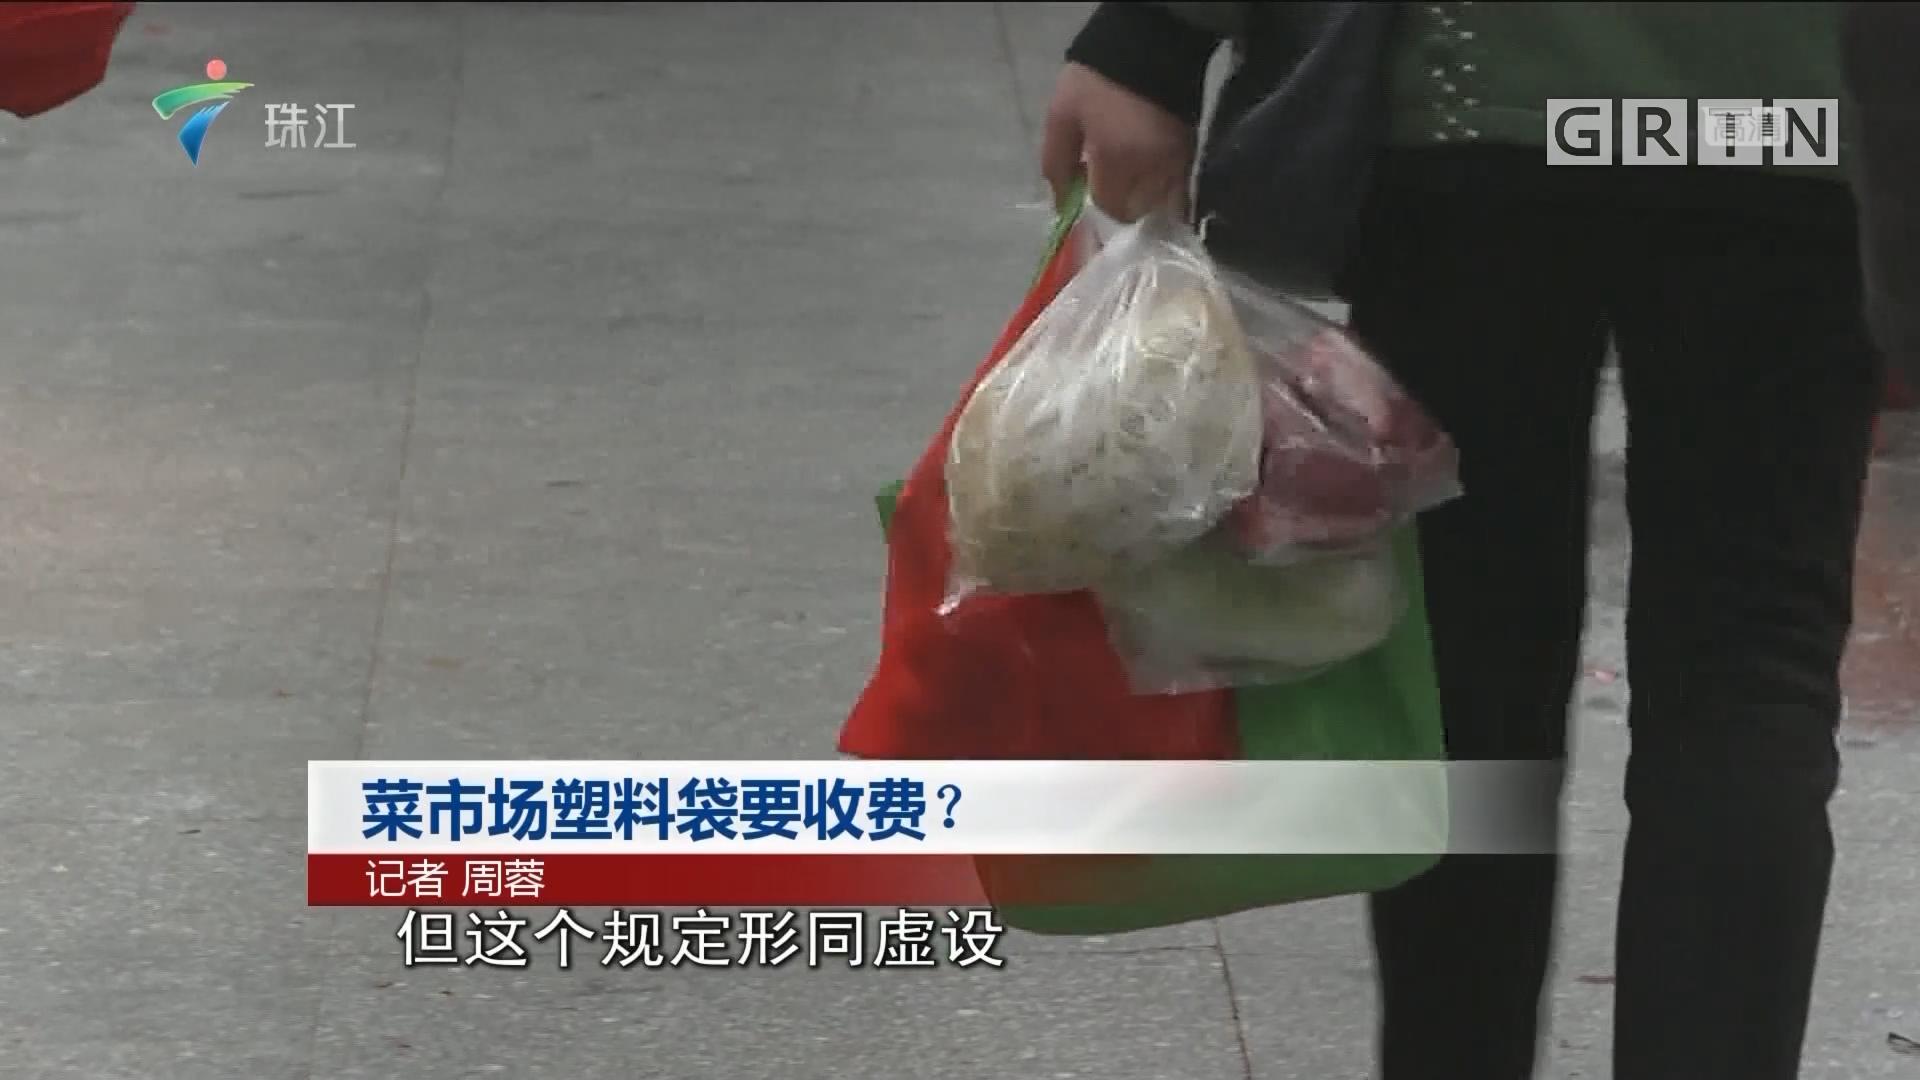 菜市场塑料袋要收费?